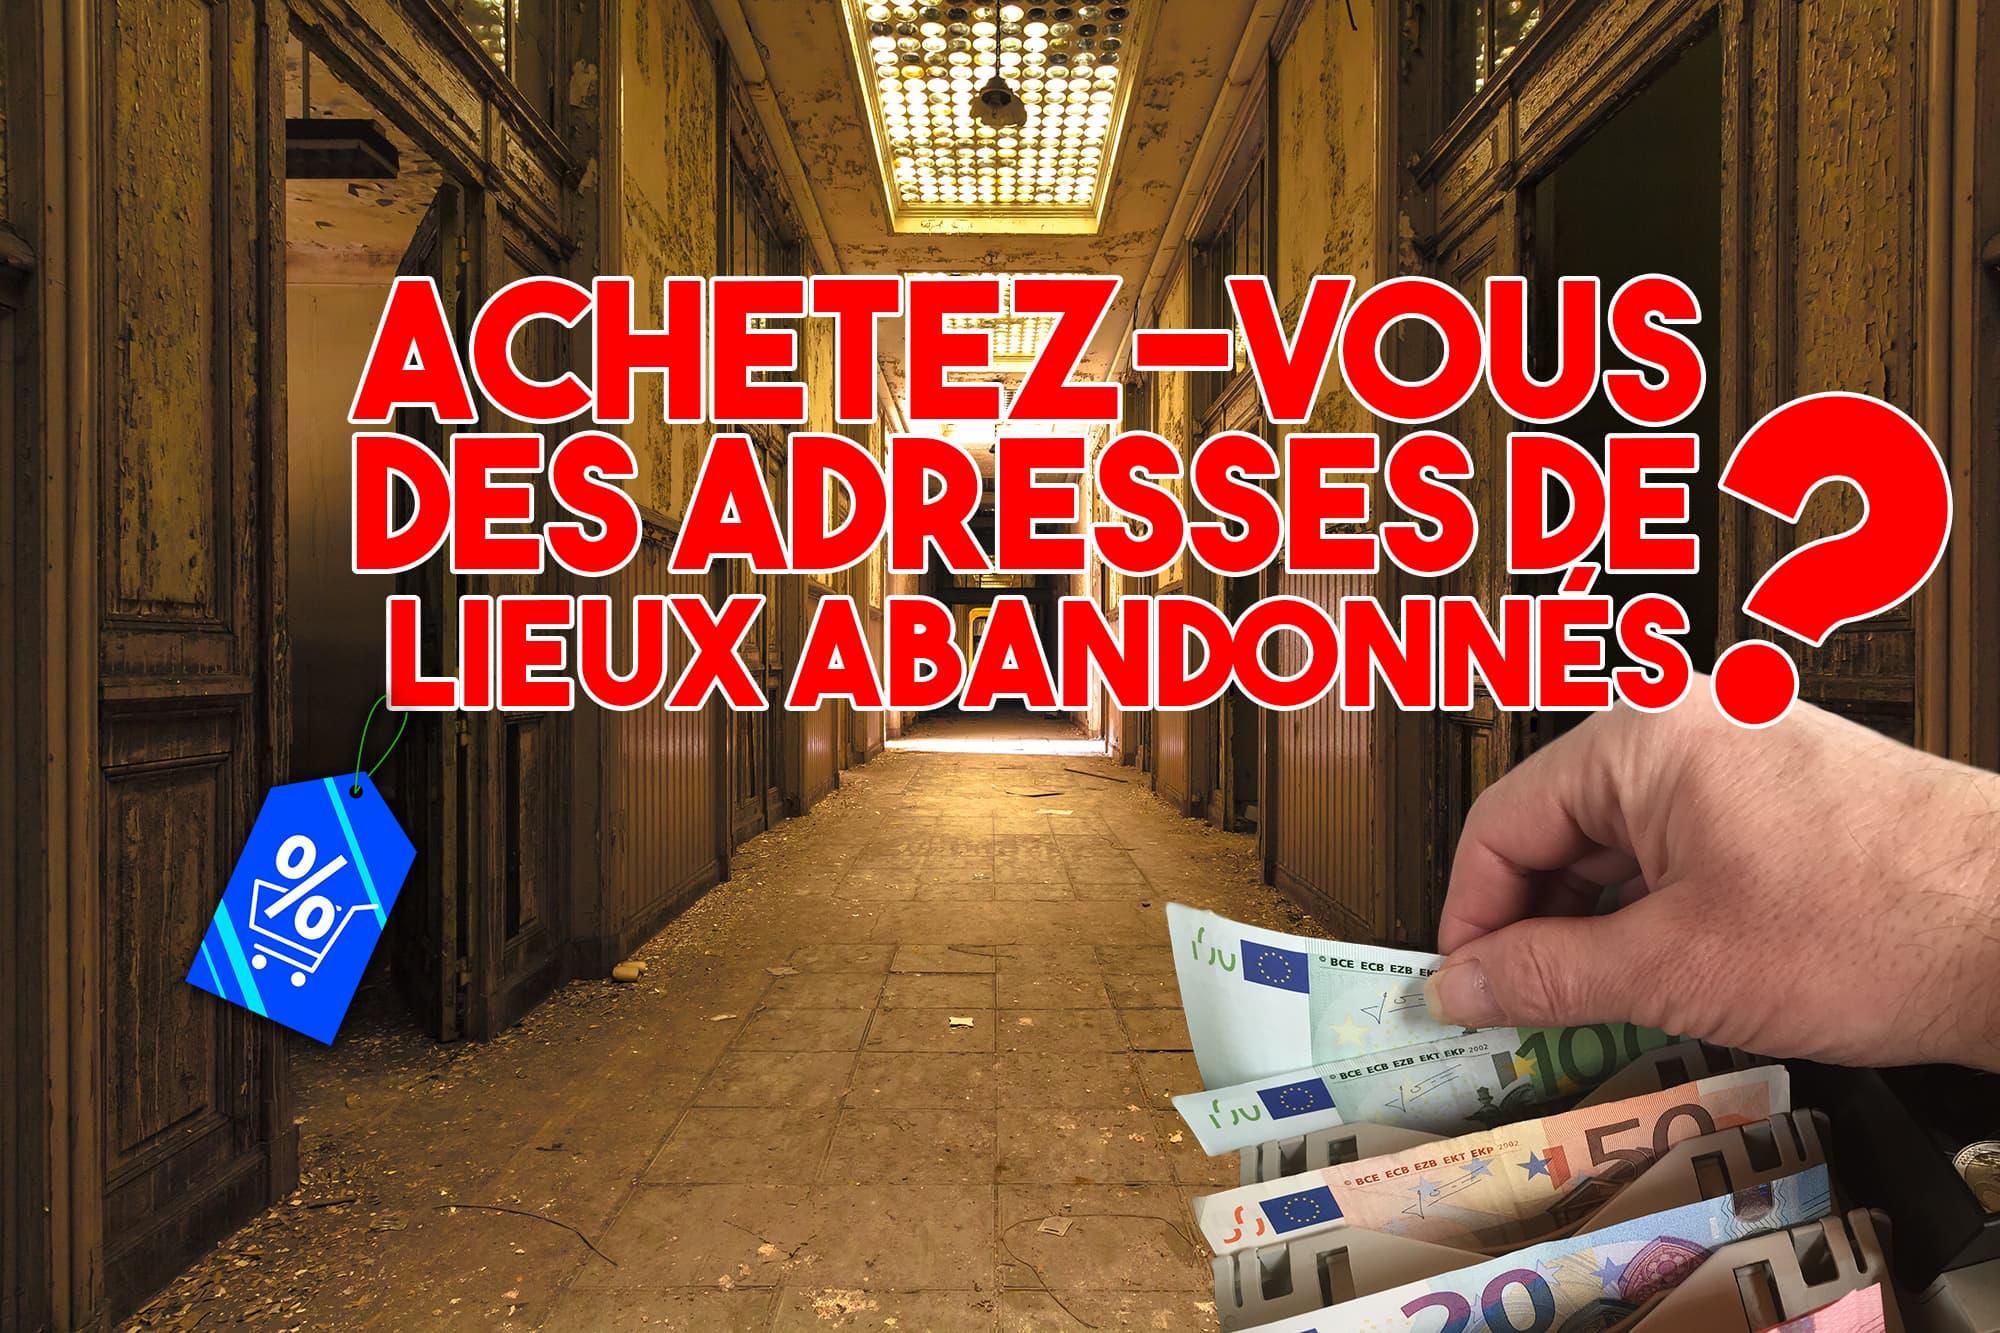 achetezvous-adresses-lieux-abandonnes